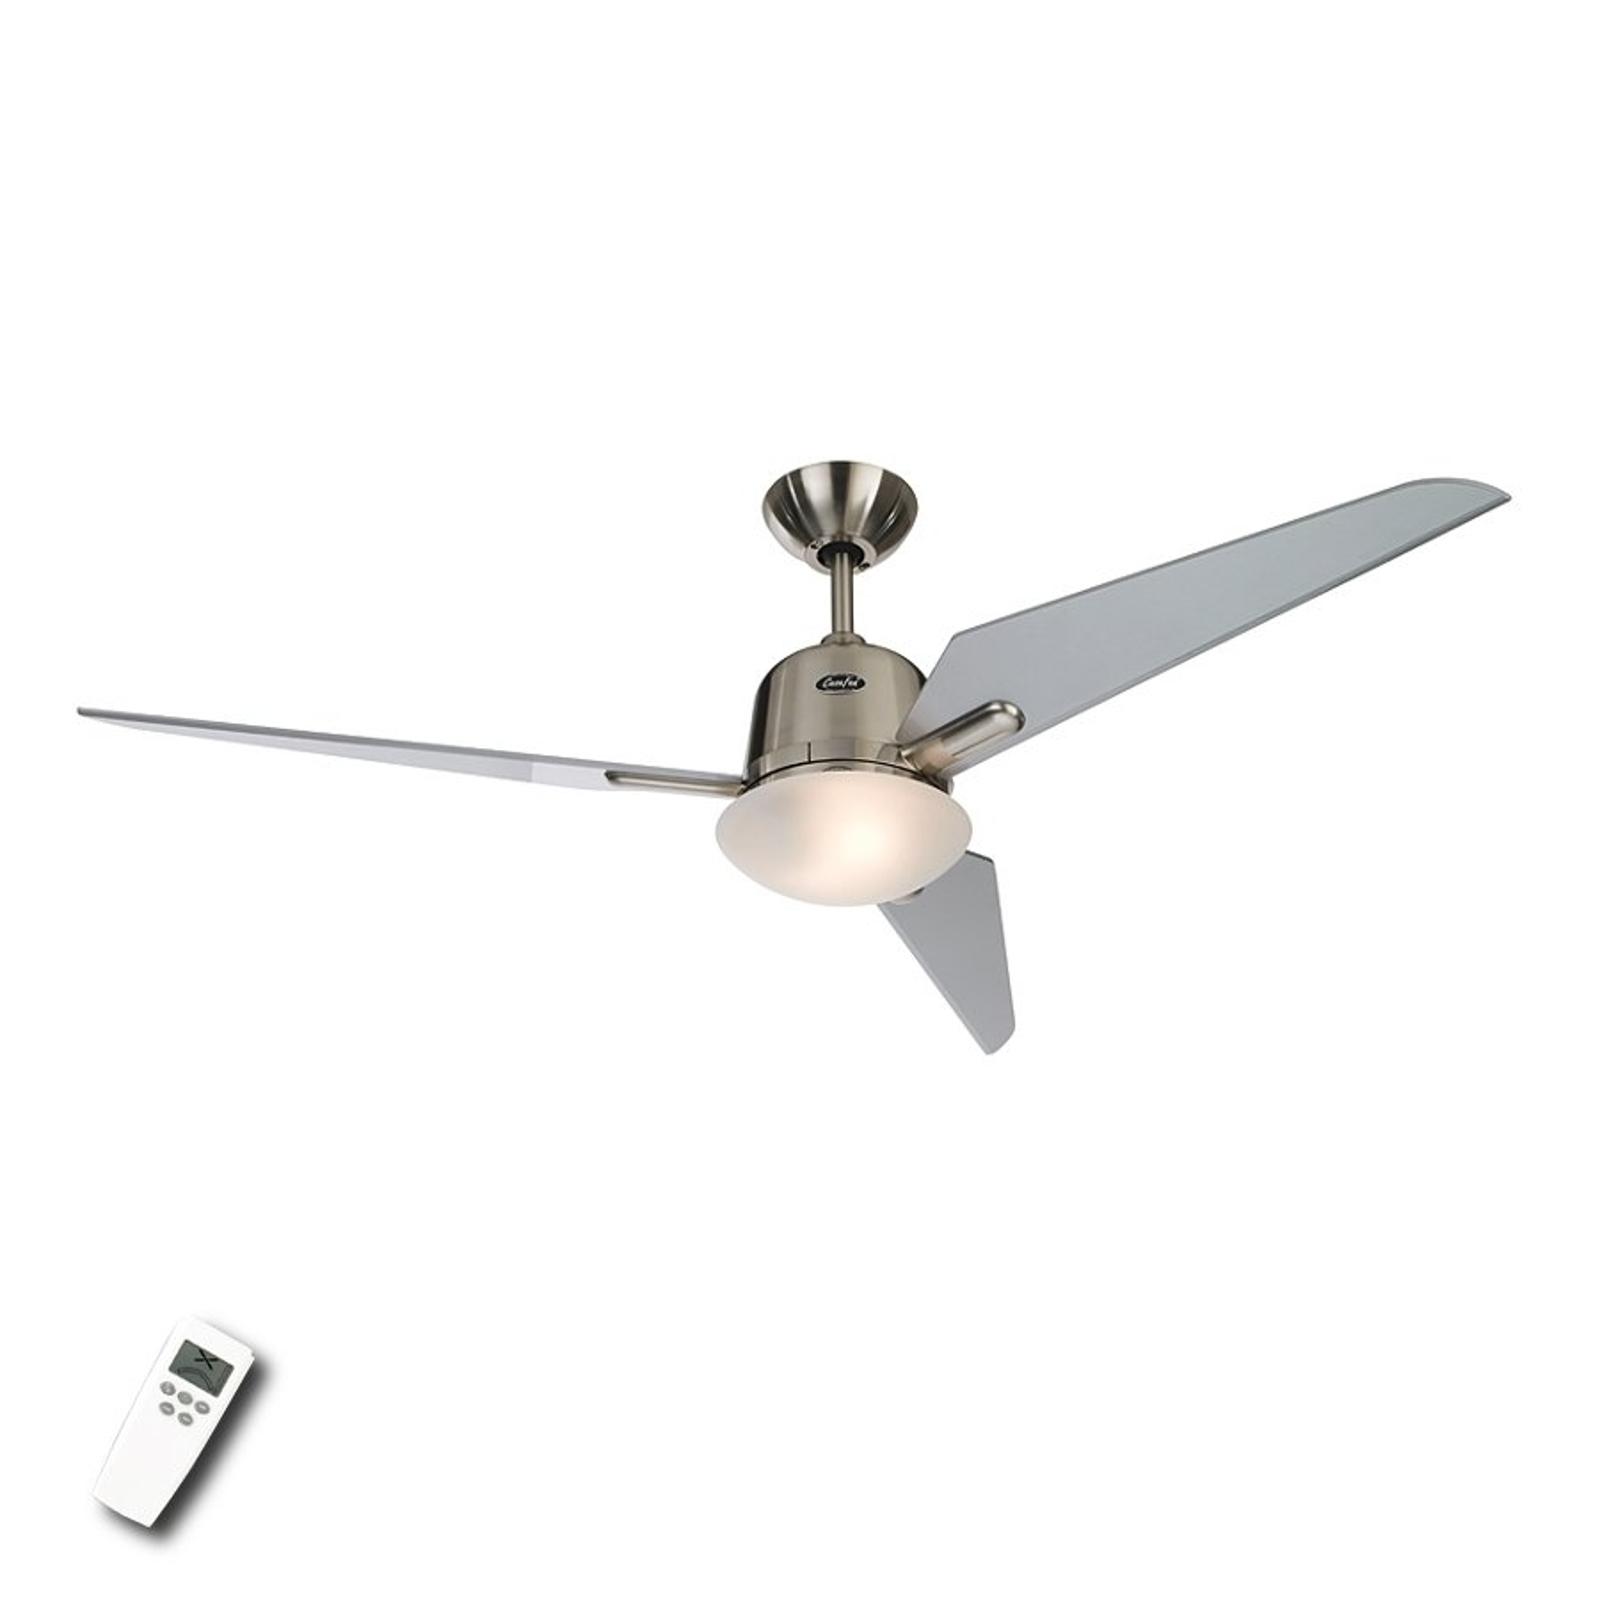 Plafondventilator Eco Aviatos, zilver, 132 cm